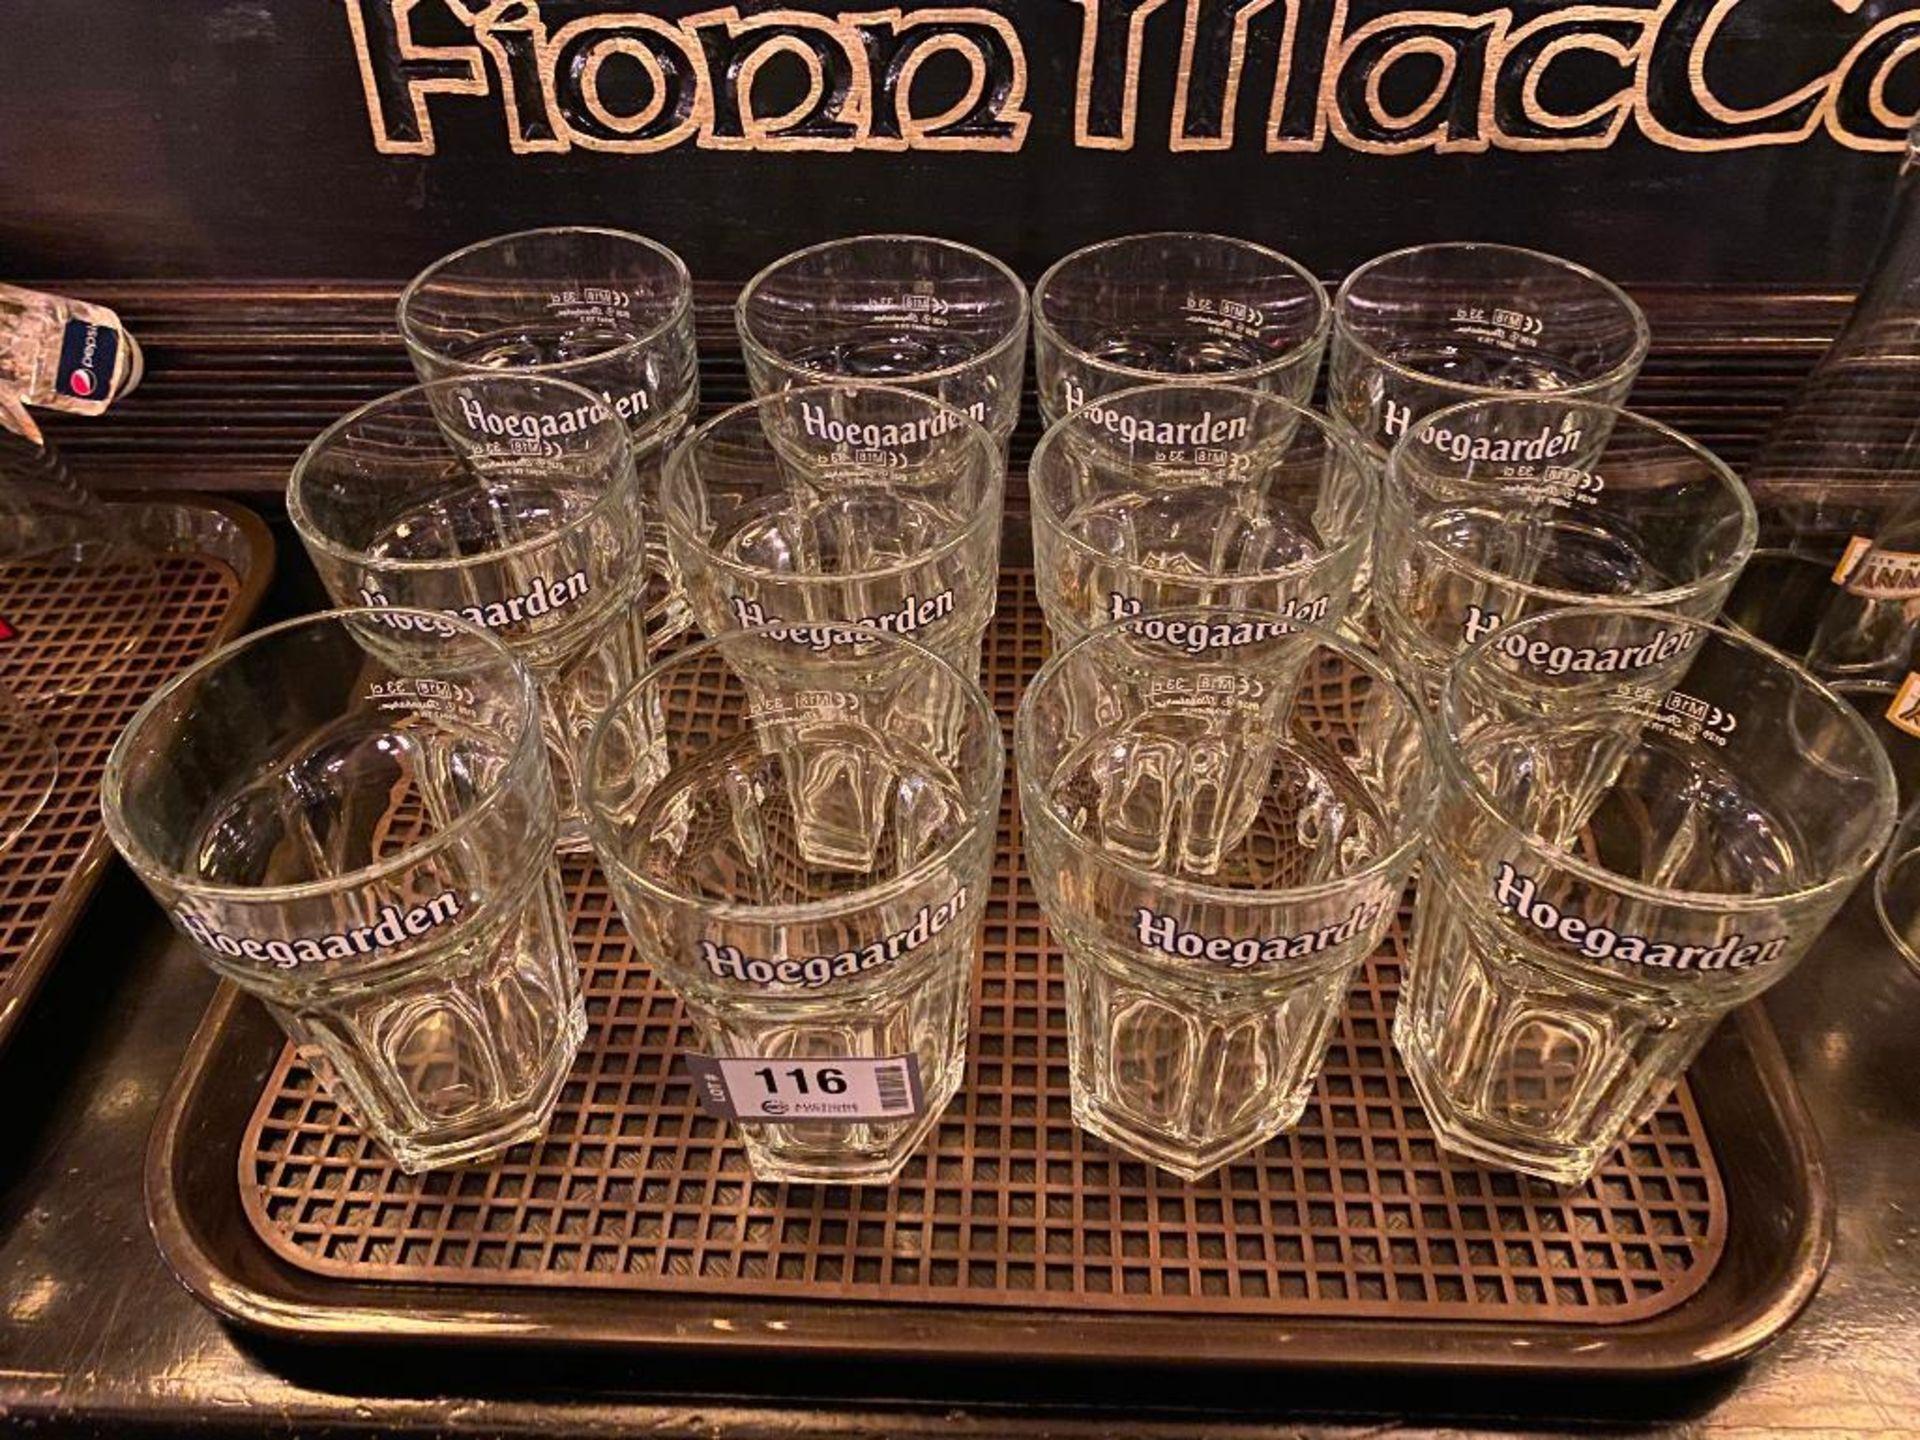 LOT OF (12) HOEGAARDEN 11 OZ GLASSES